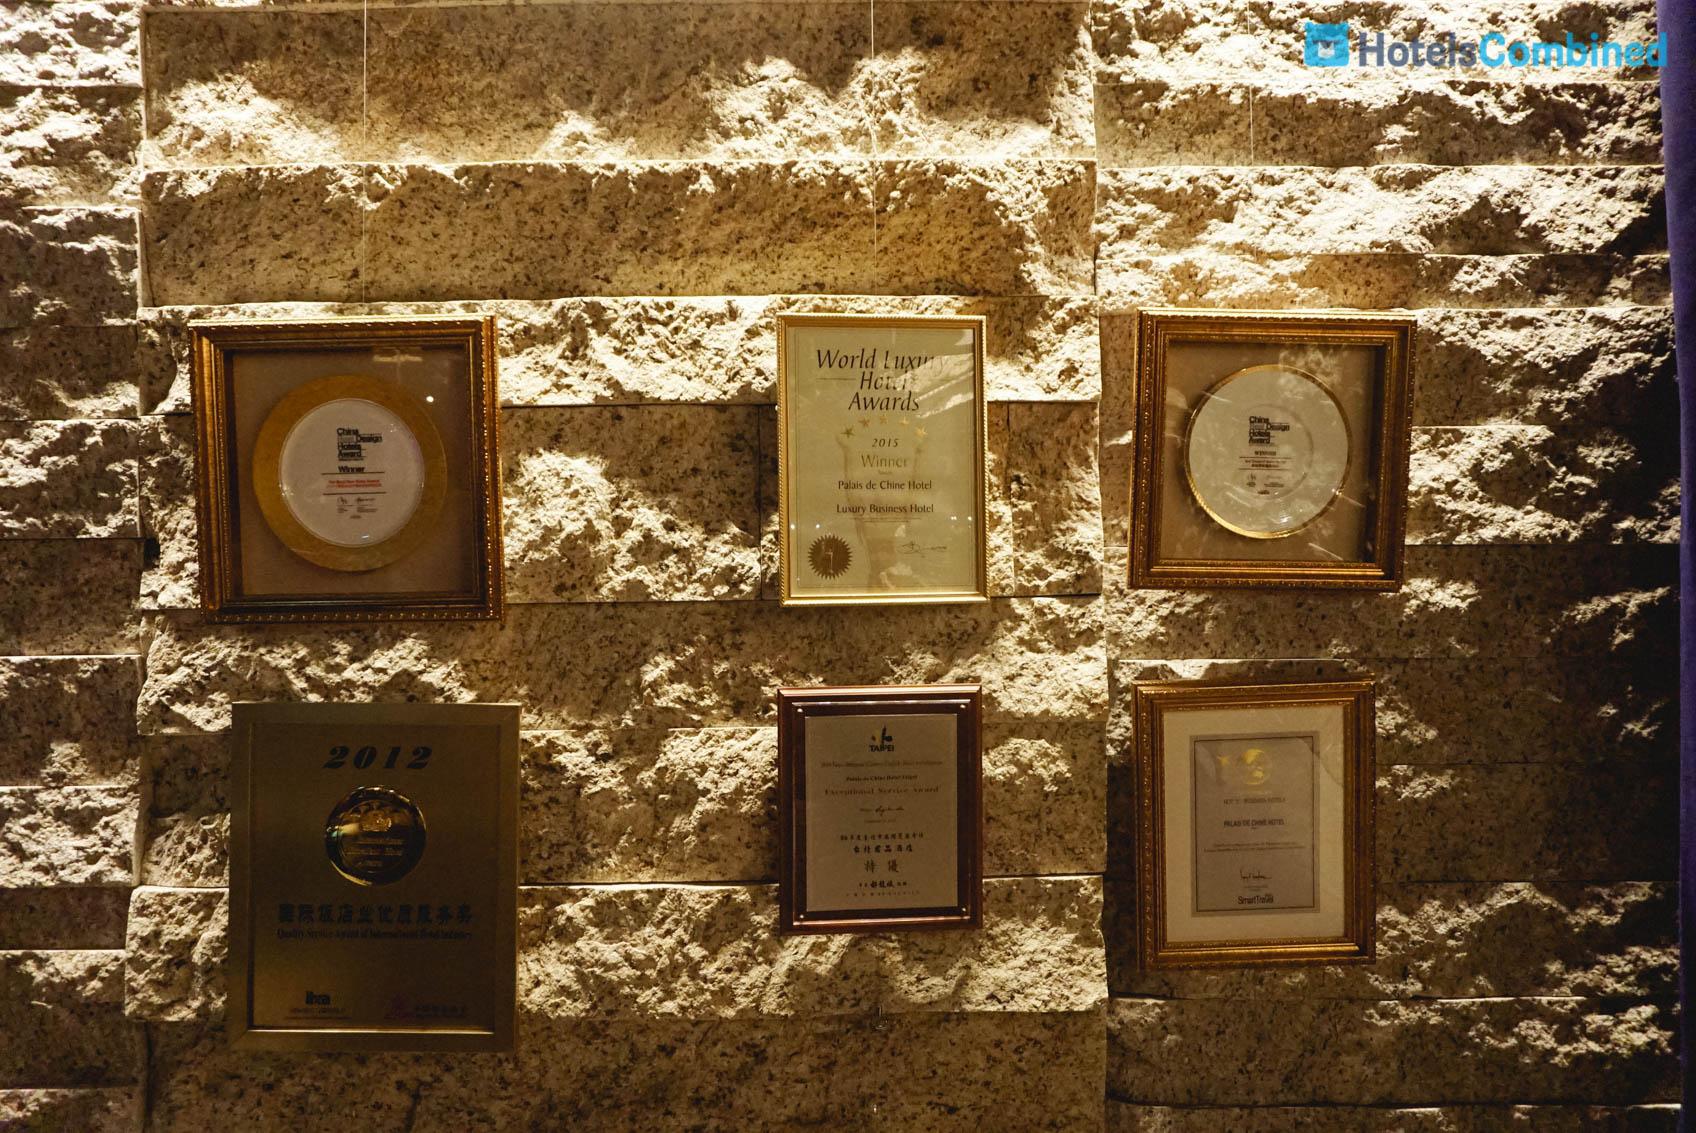 รางวัลต่างๆ ที่โรงแรมได้รับ